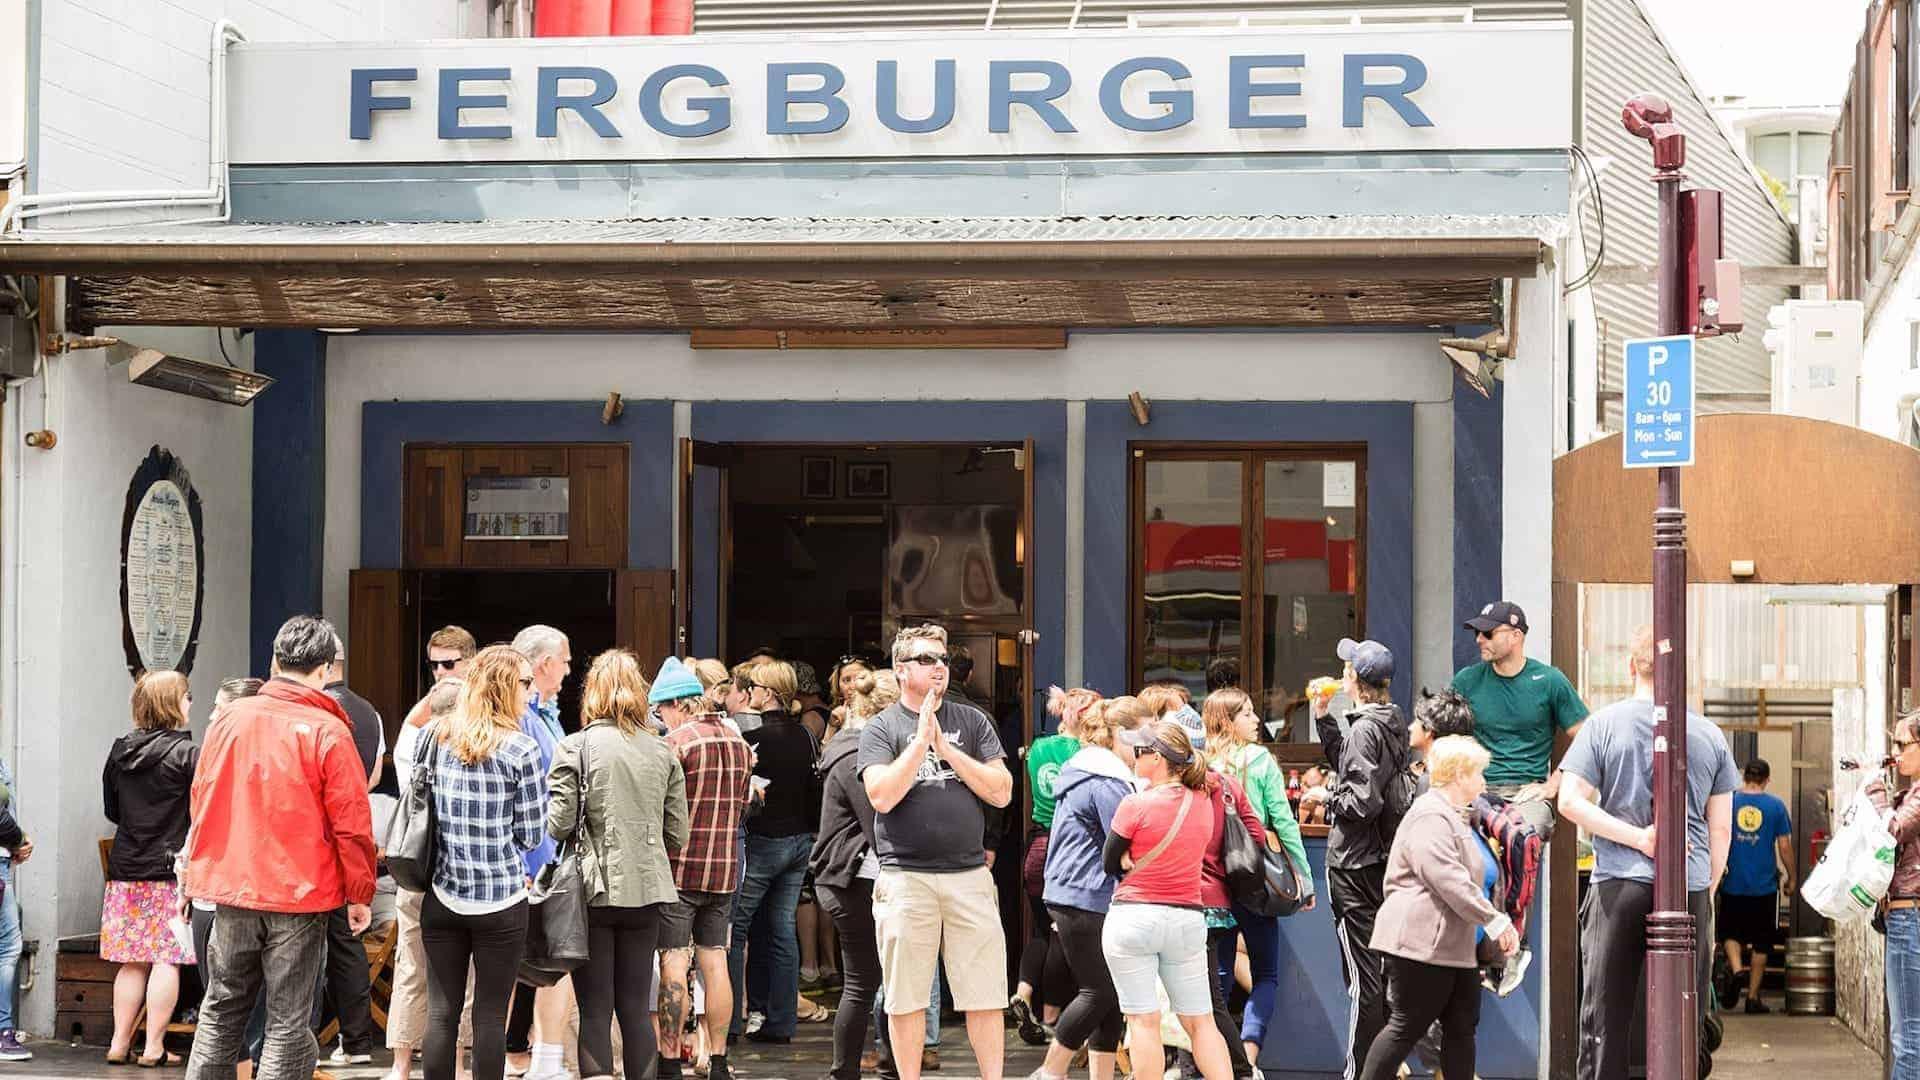 fergburger cheap eats queenstown